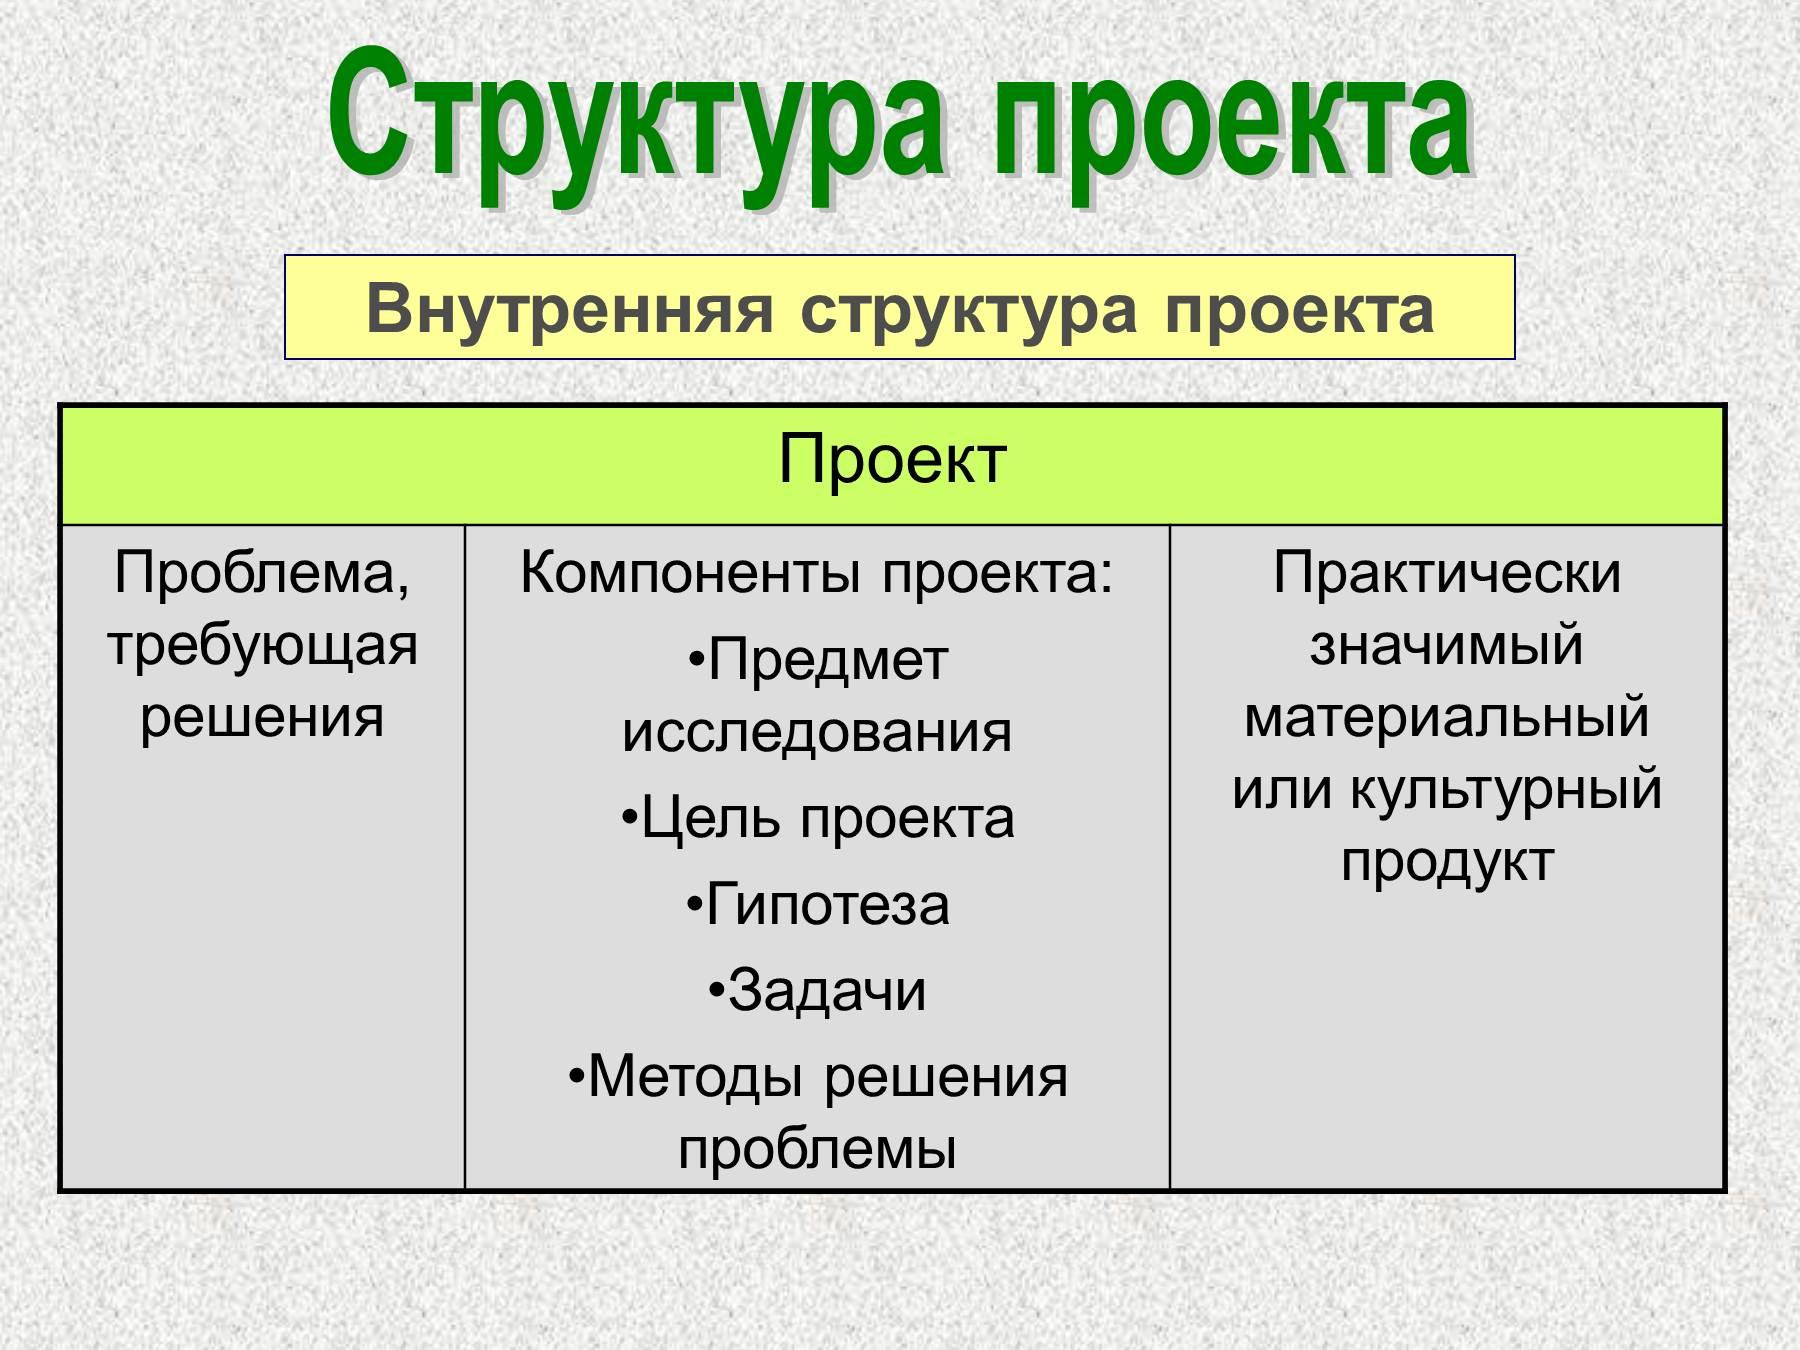 Что должно быть в презентации для защиты проекта